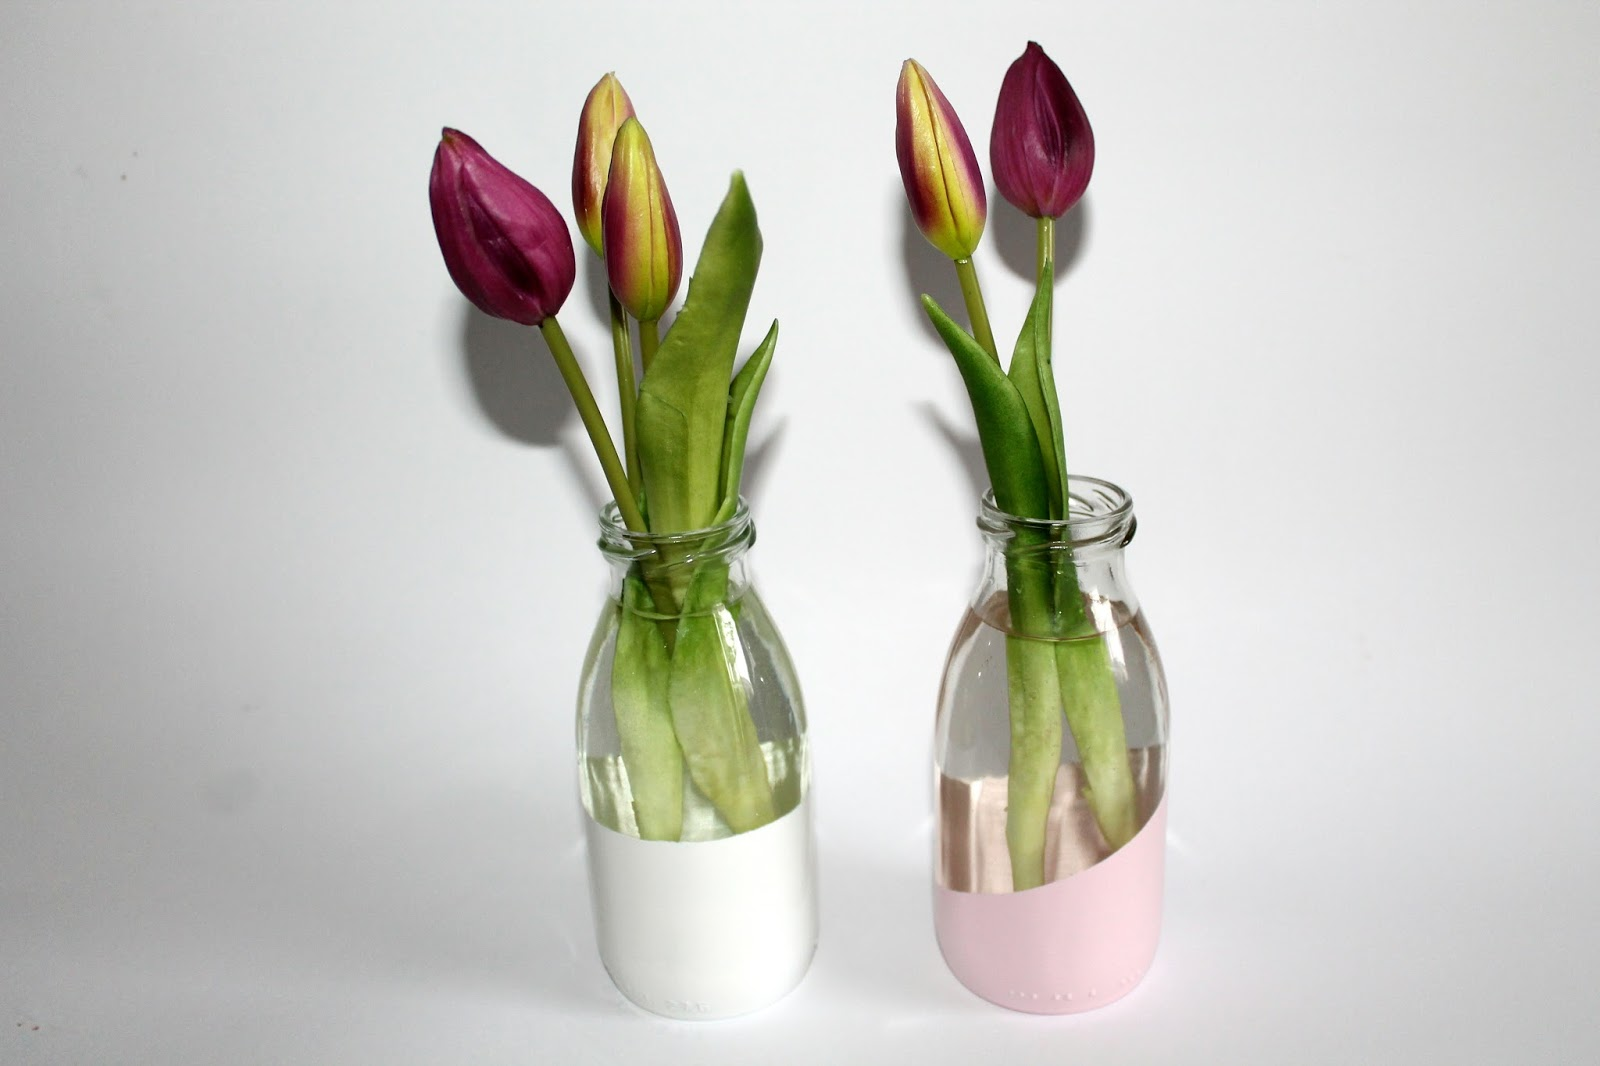 DIY, Basteln: Upcycling / Recycling Vase aus kleinen Milchflaschen mit Sprühlack in Wohnideen und Wohndekoration - DIYCarinchen